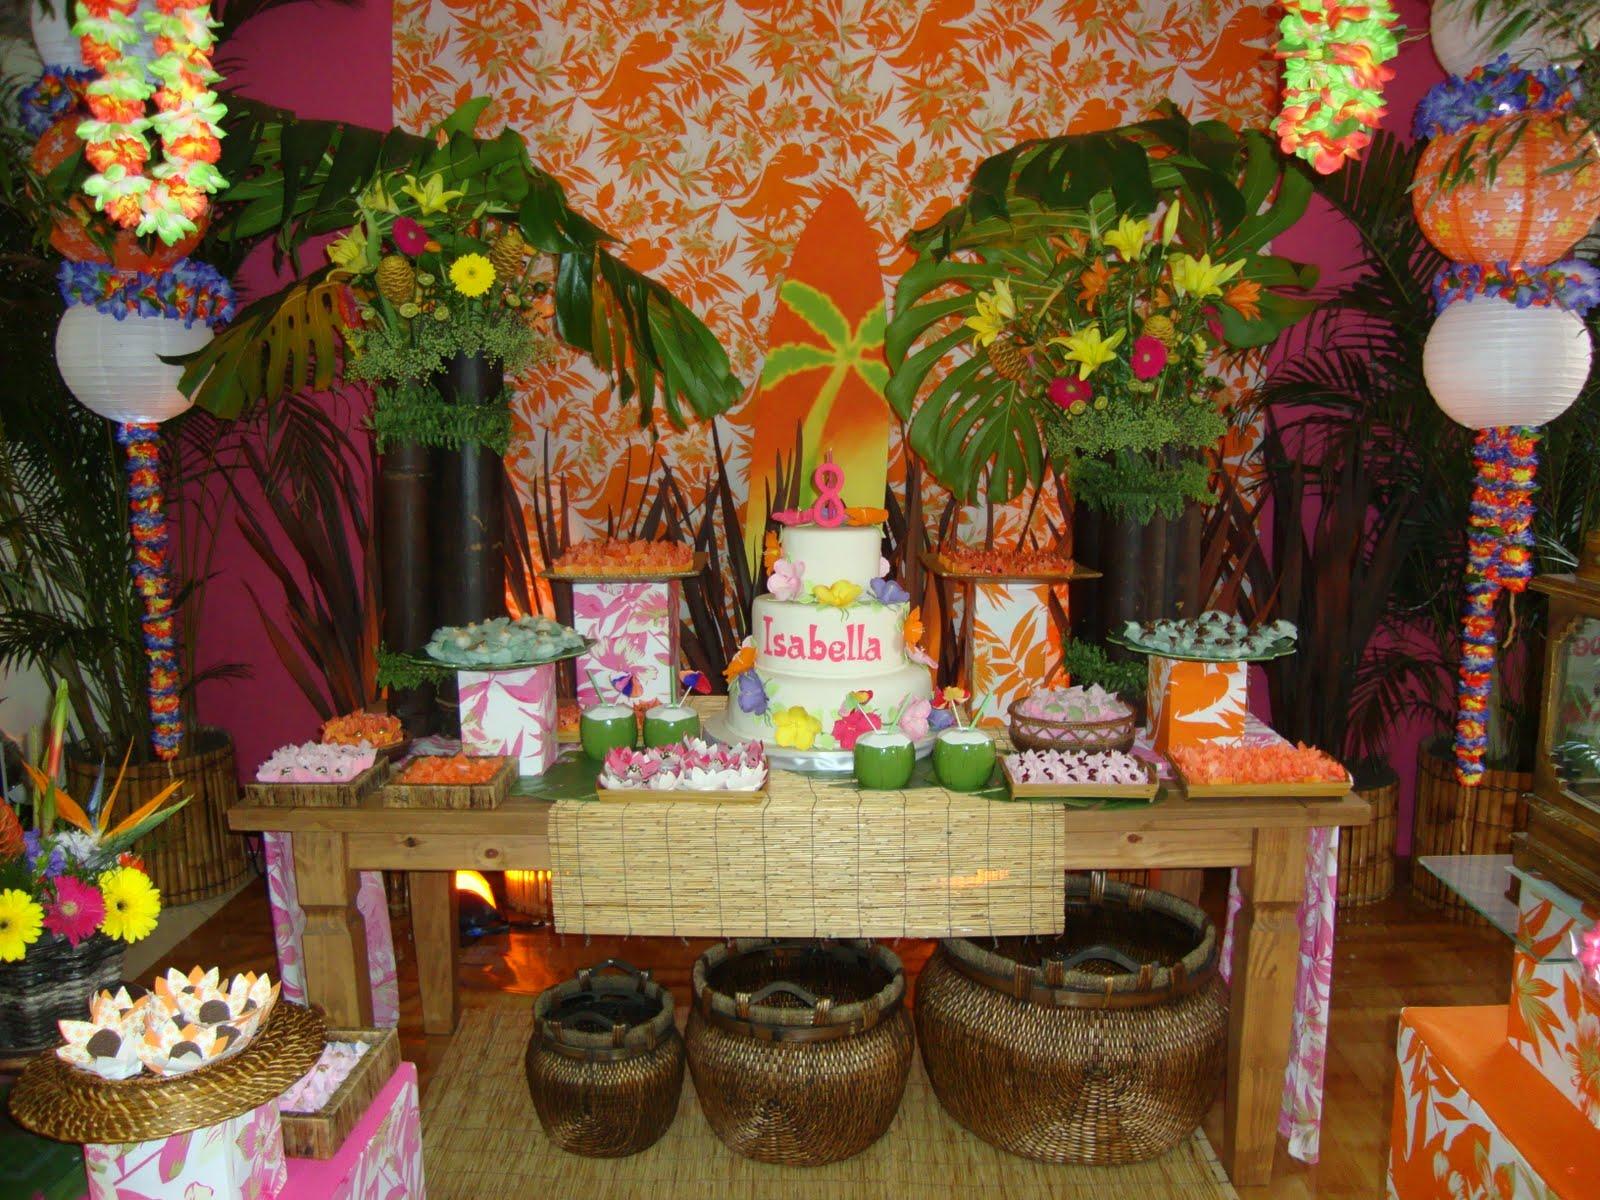 decoracao festa luau: MORÁS♥ஜღ : Dicas de Decoração para Festa Havaiana ou Luau